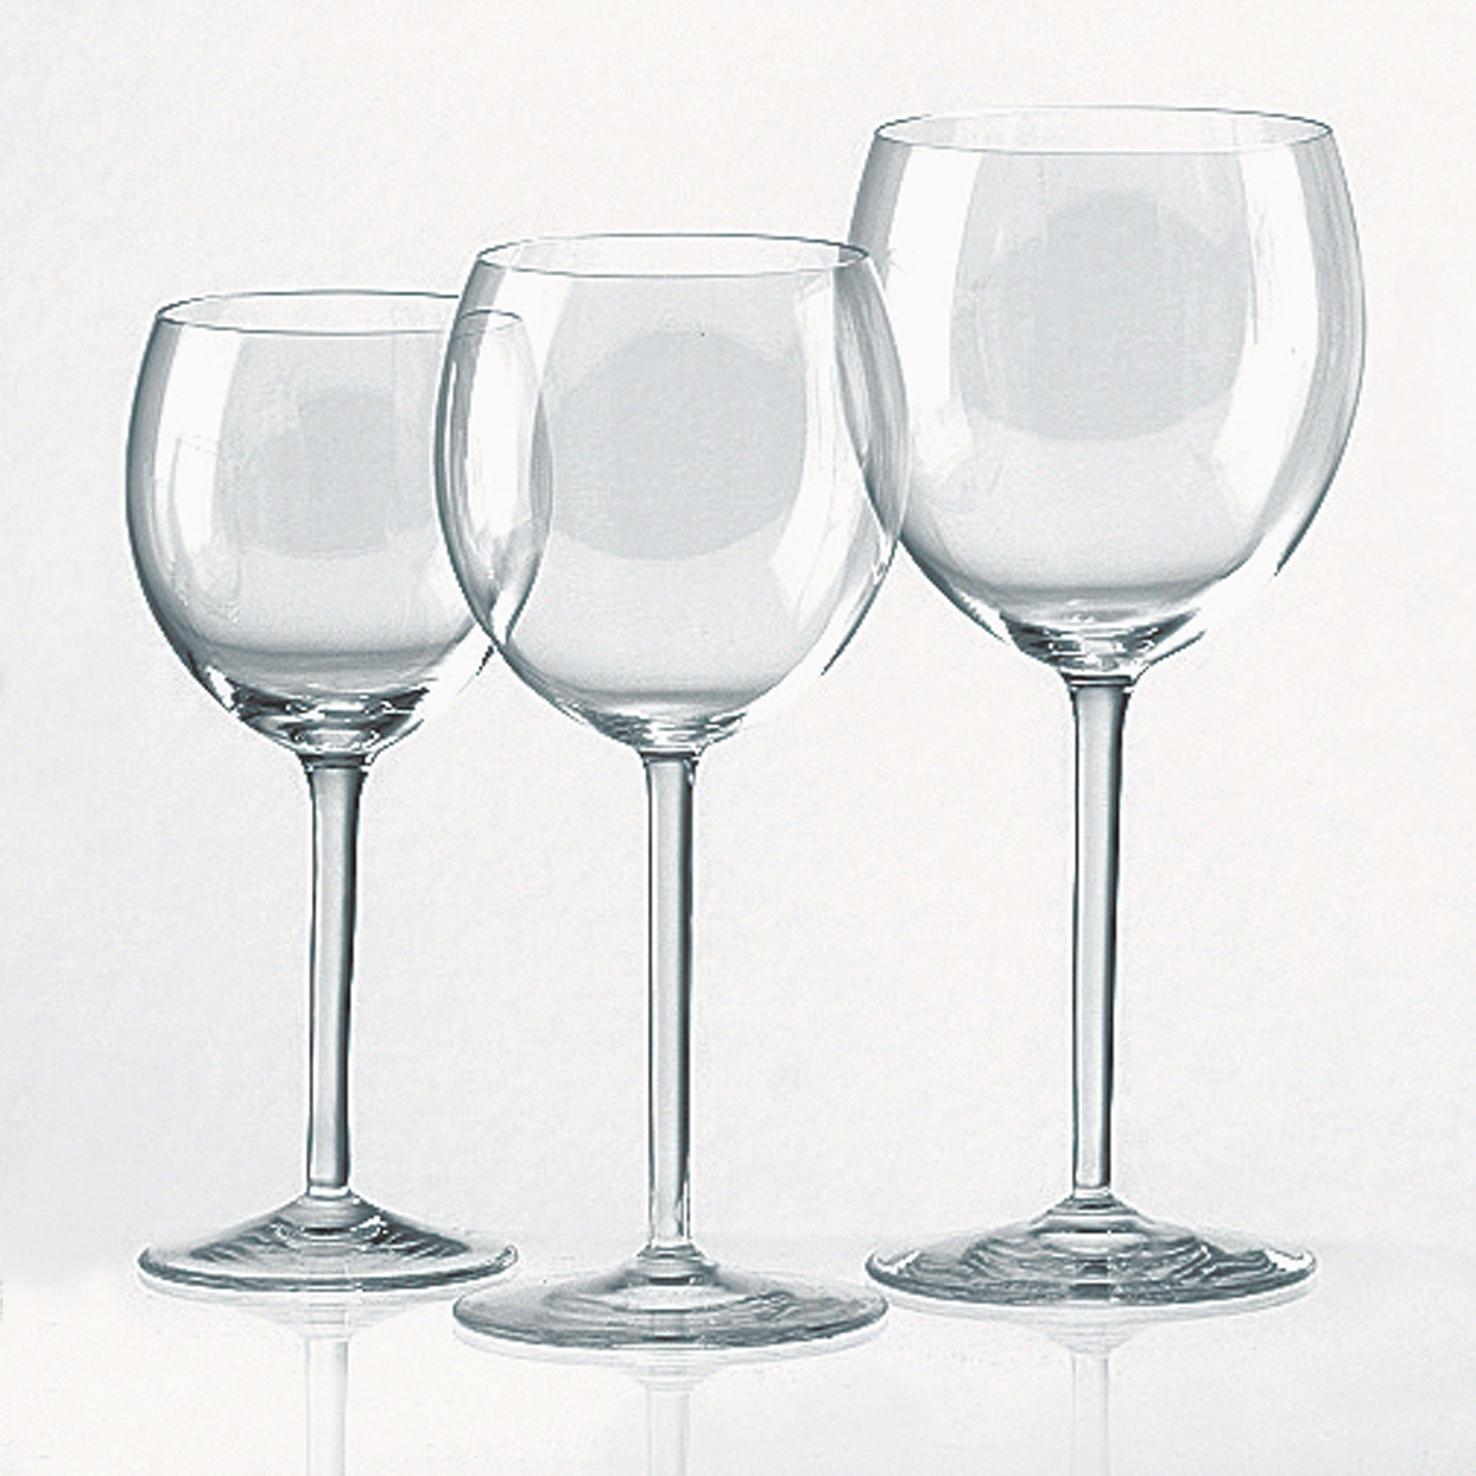 Lambert Connaisseur Kristallglas klar, verschiedene Ausführungen